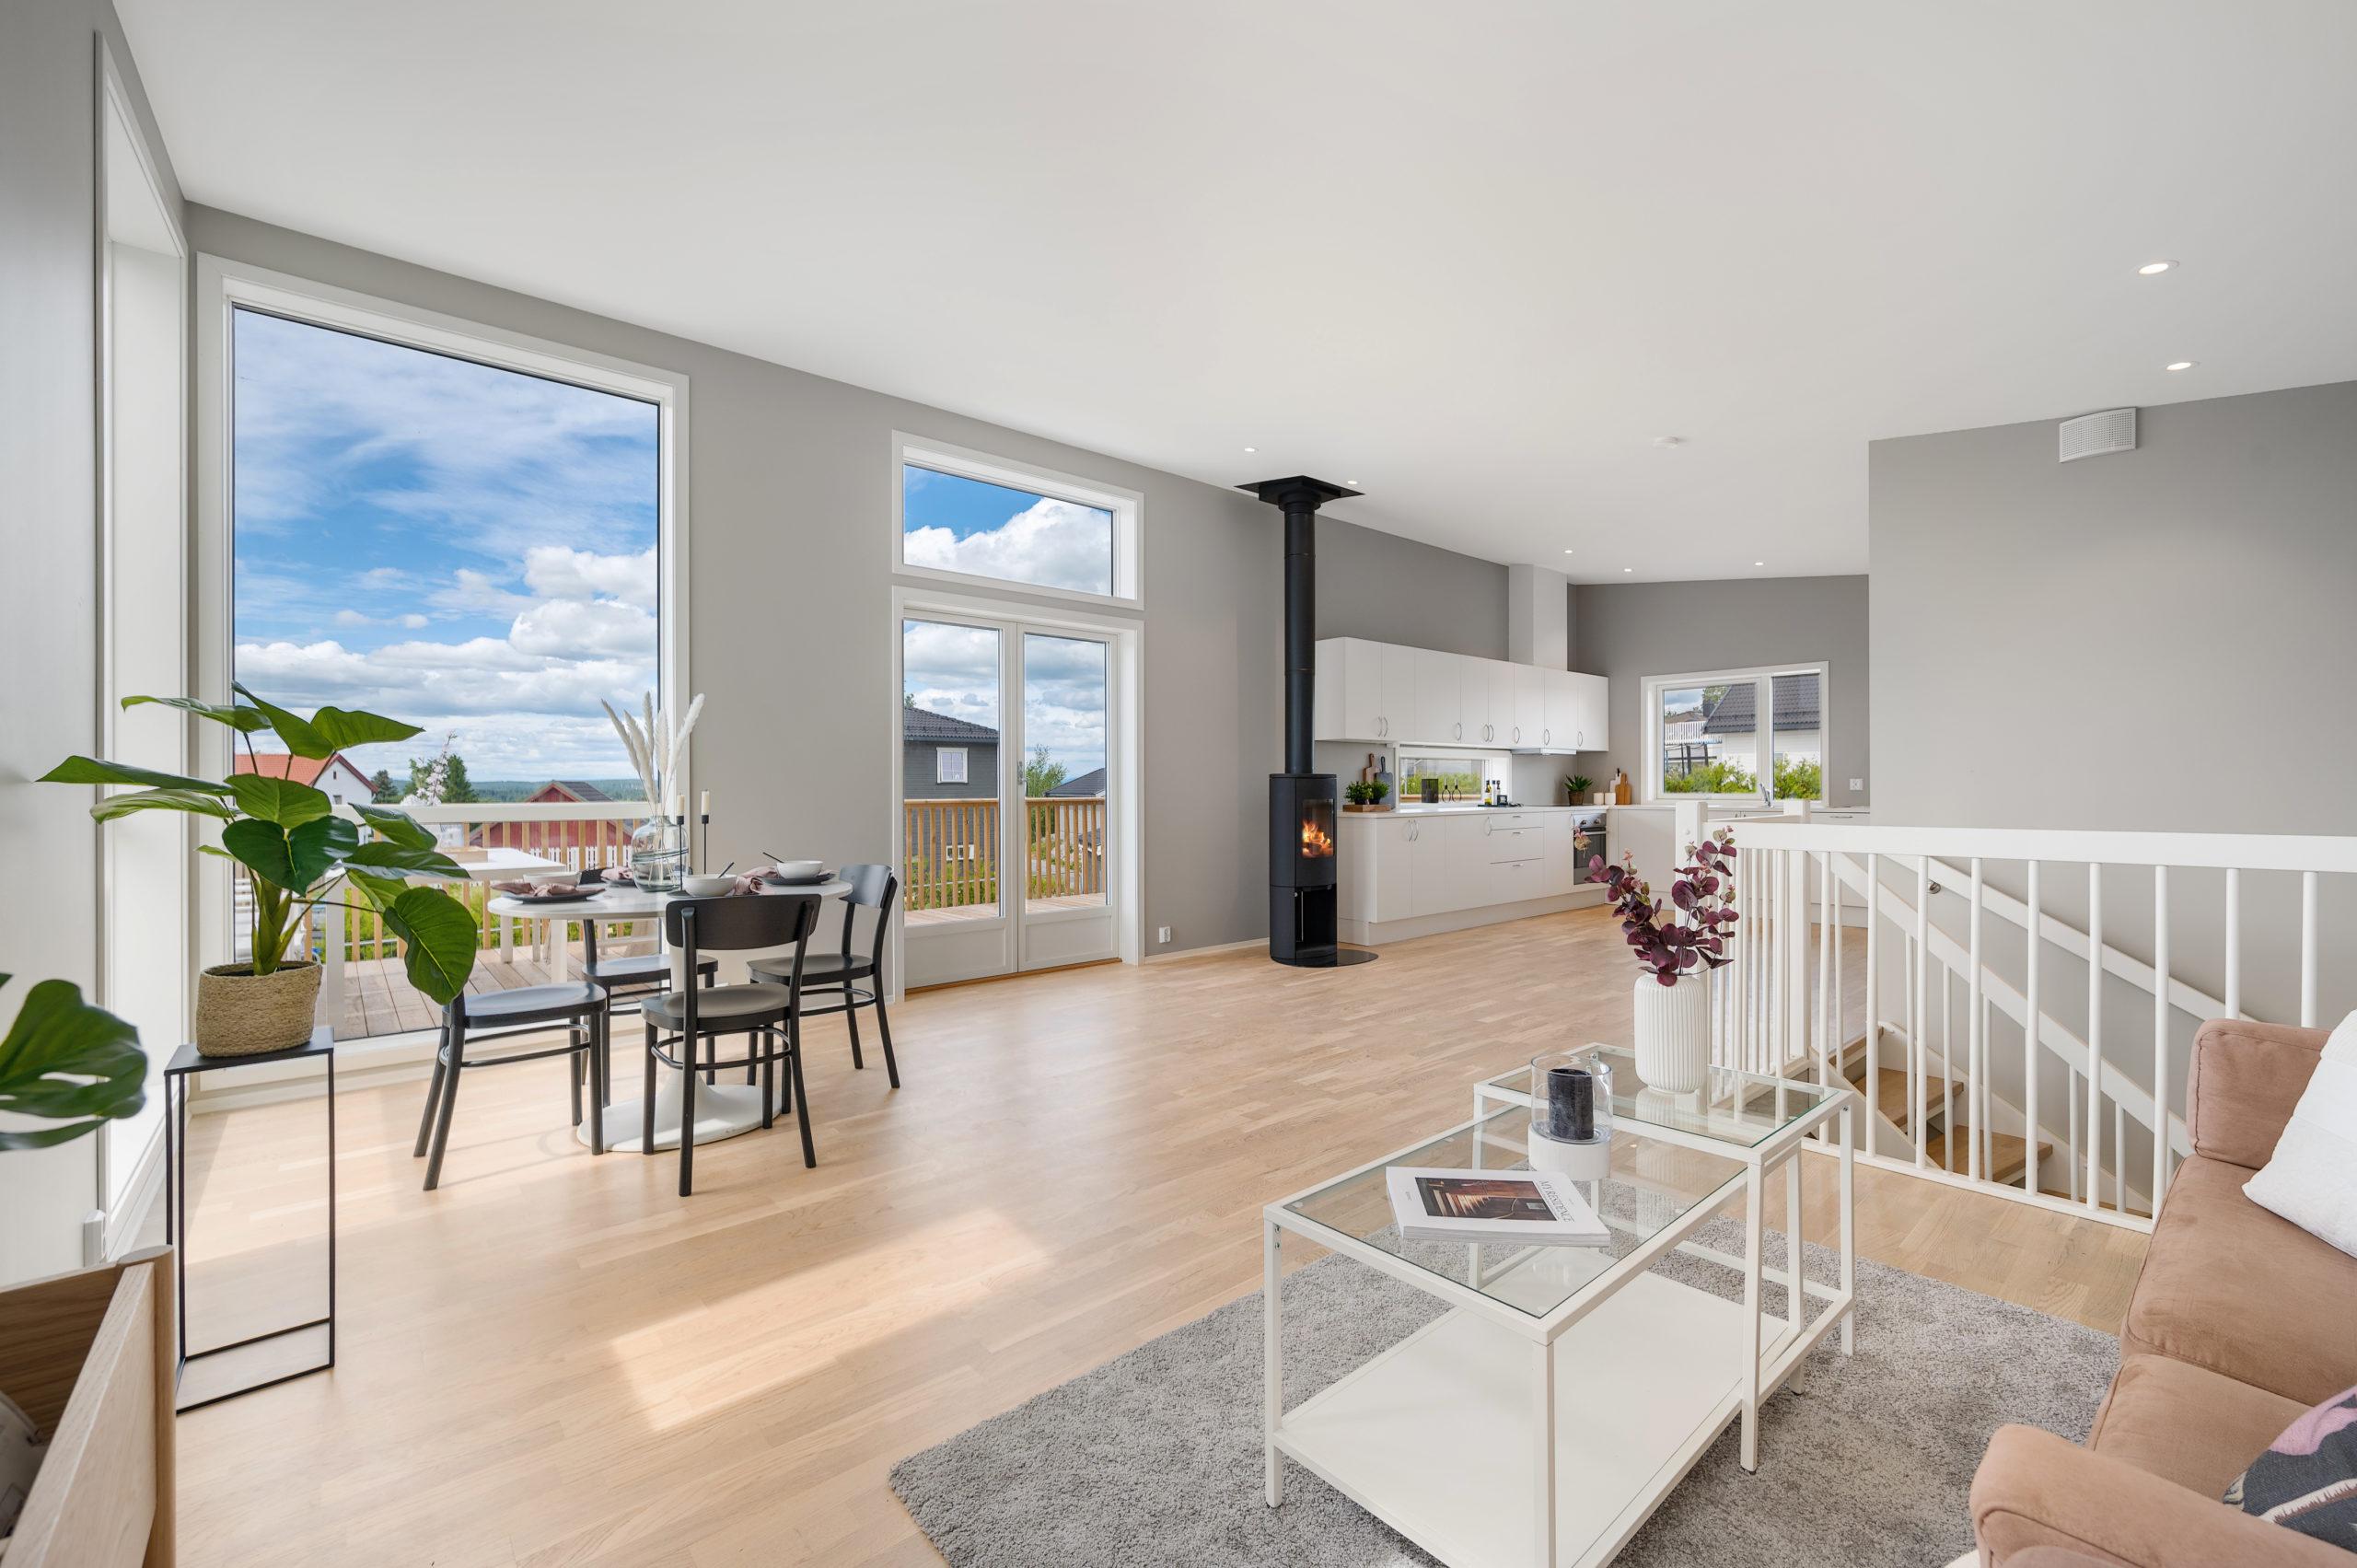 Enebolig Fjellfoten Hage: Romslig åpen stue og kjøkken med store vinduer